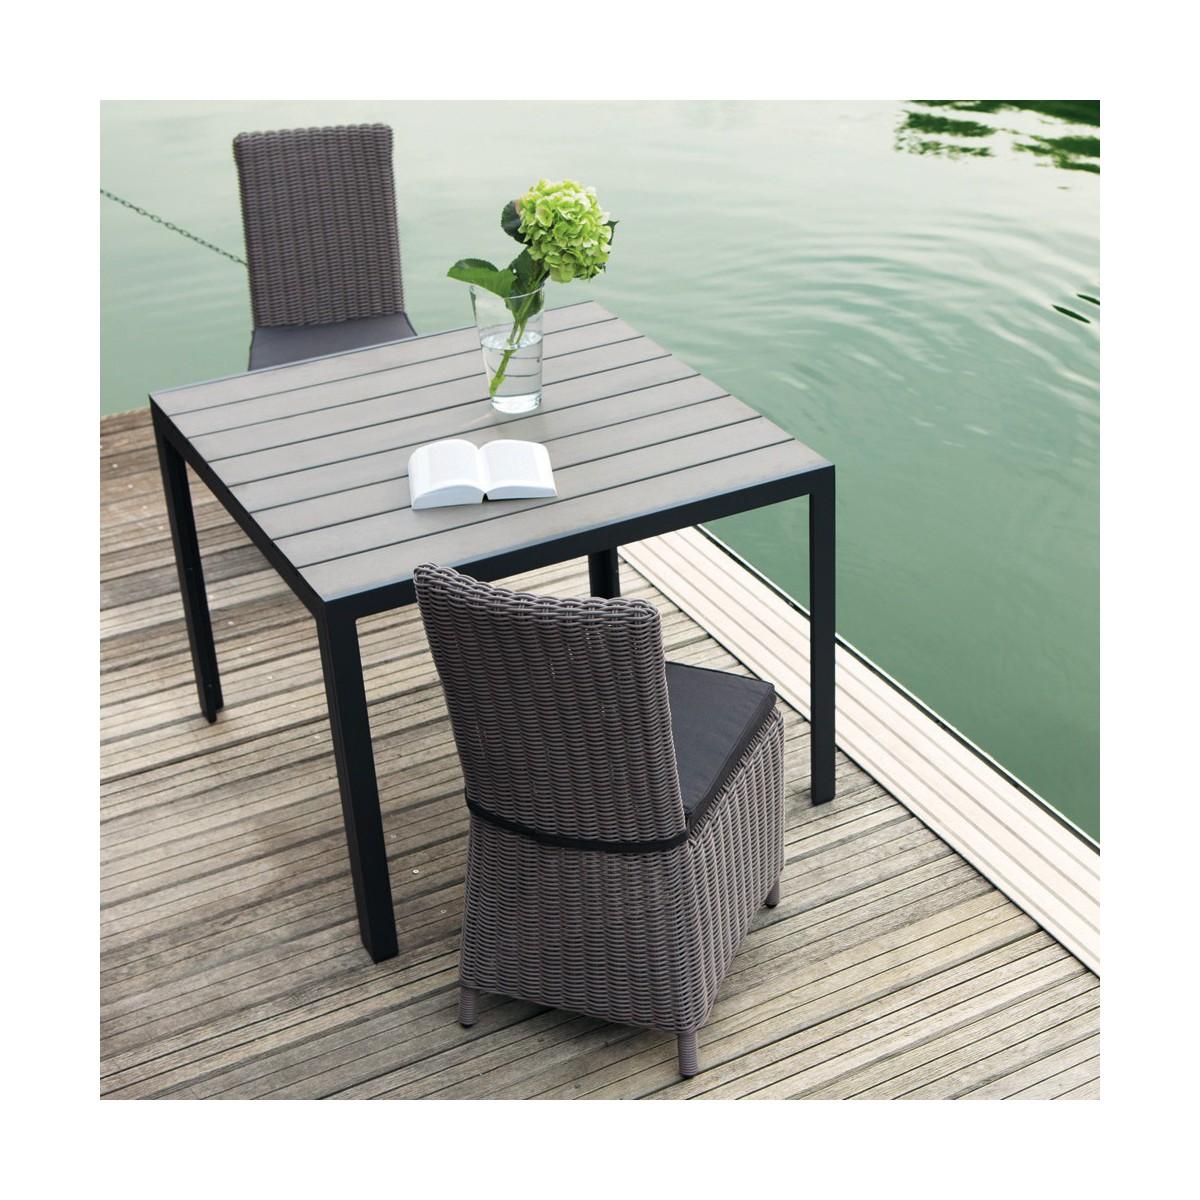 Table de jardin en composite imitation bois et aluminium grise L 104 cm